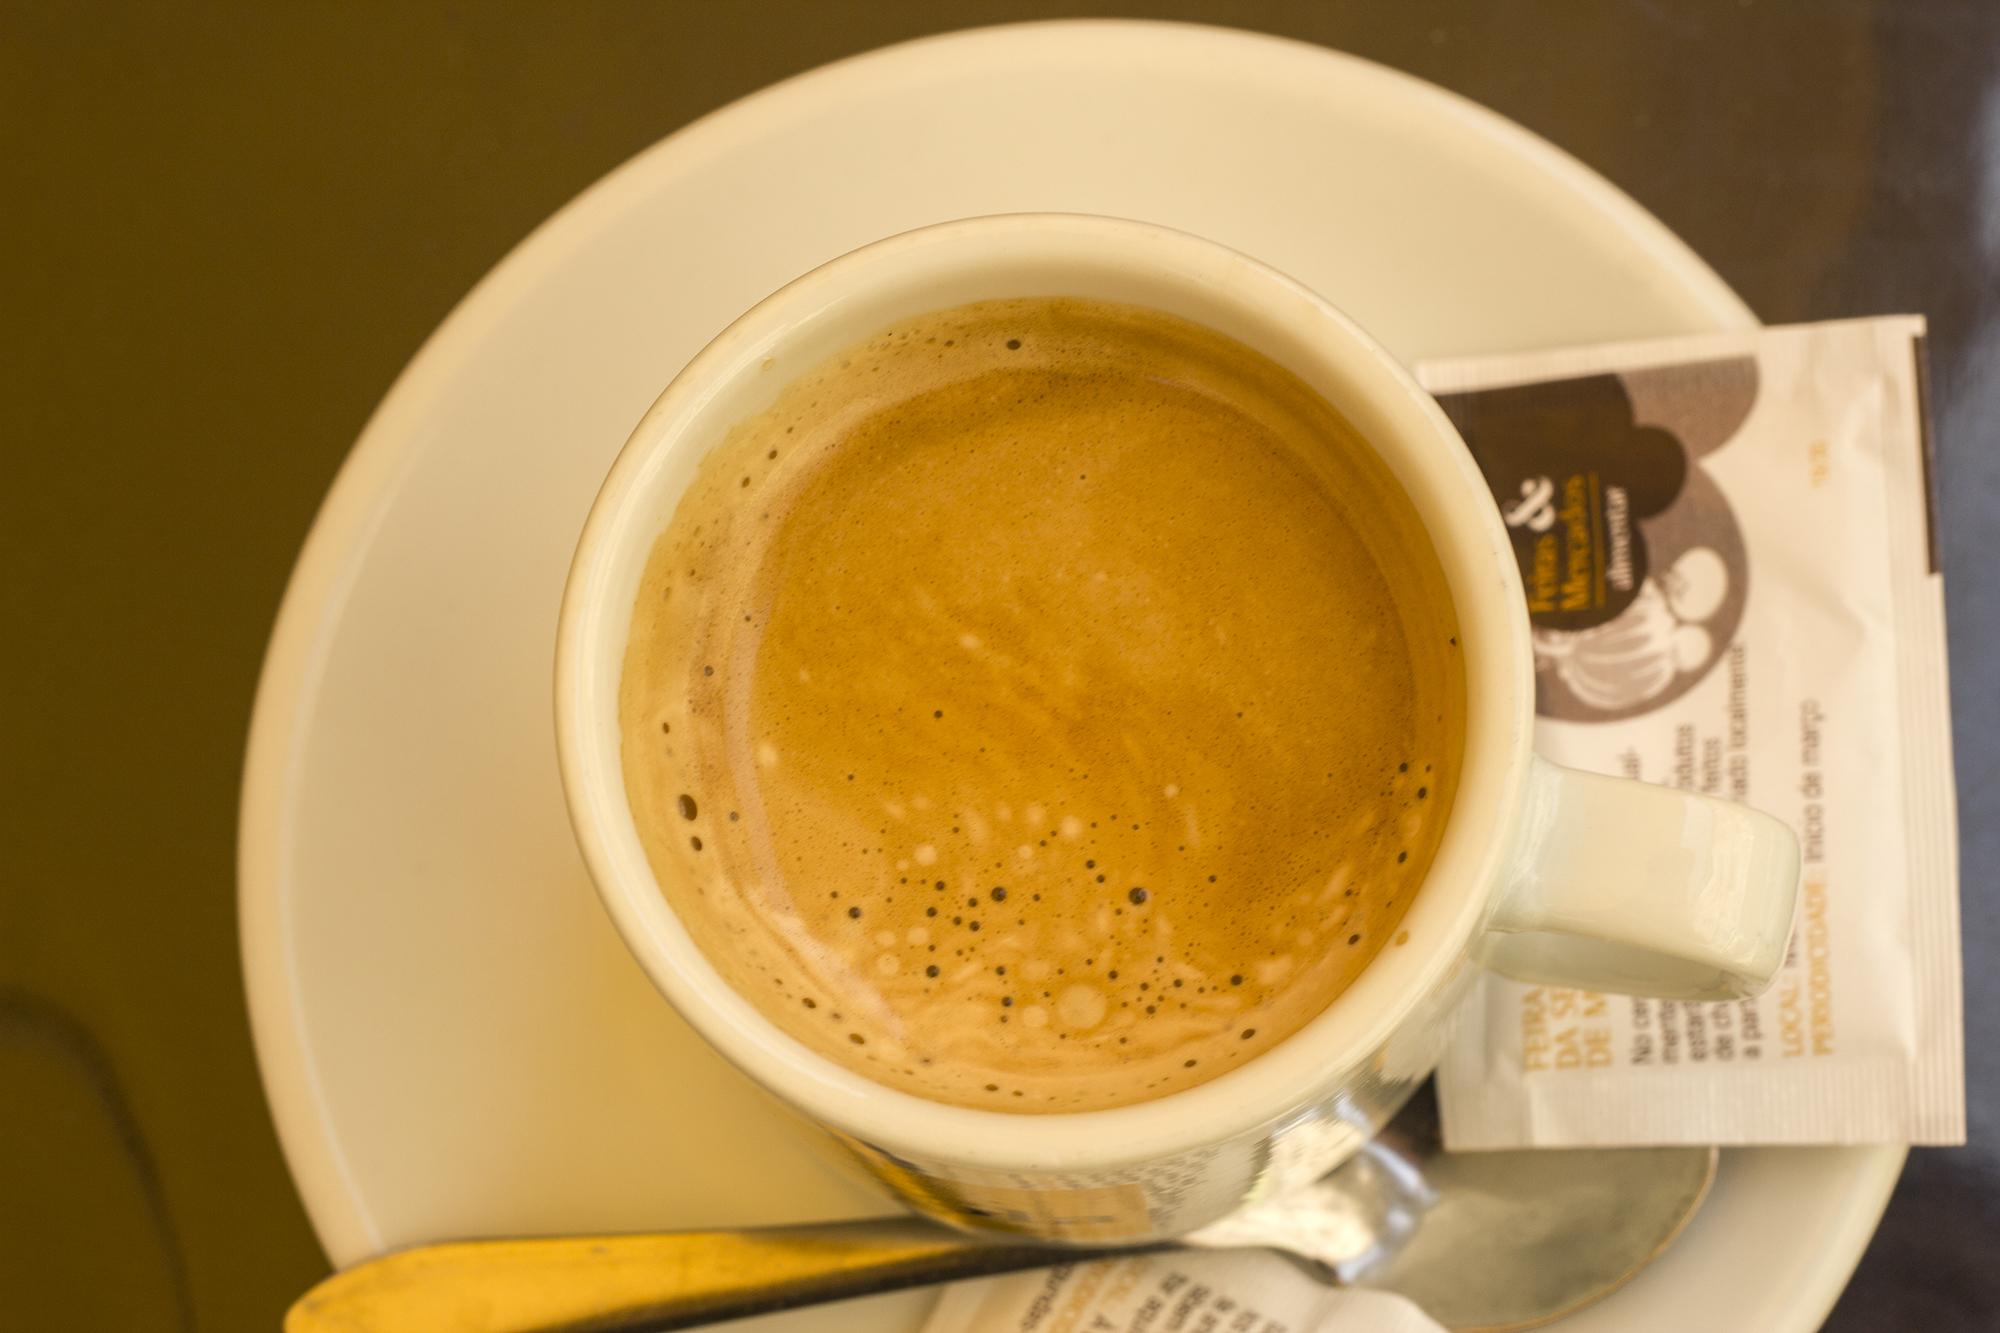 """Meia de leite, czyli """"Połowa z mleka"""" - jeden ze sposobów podawania kawy"""